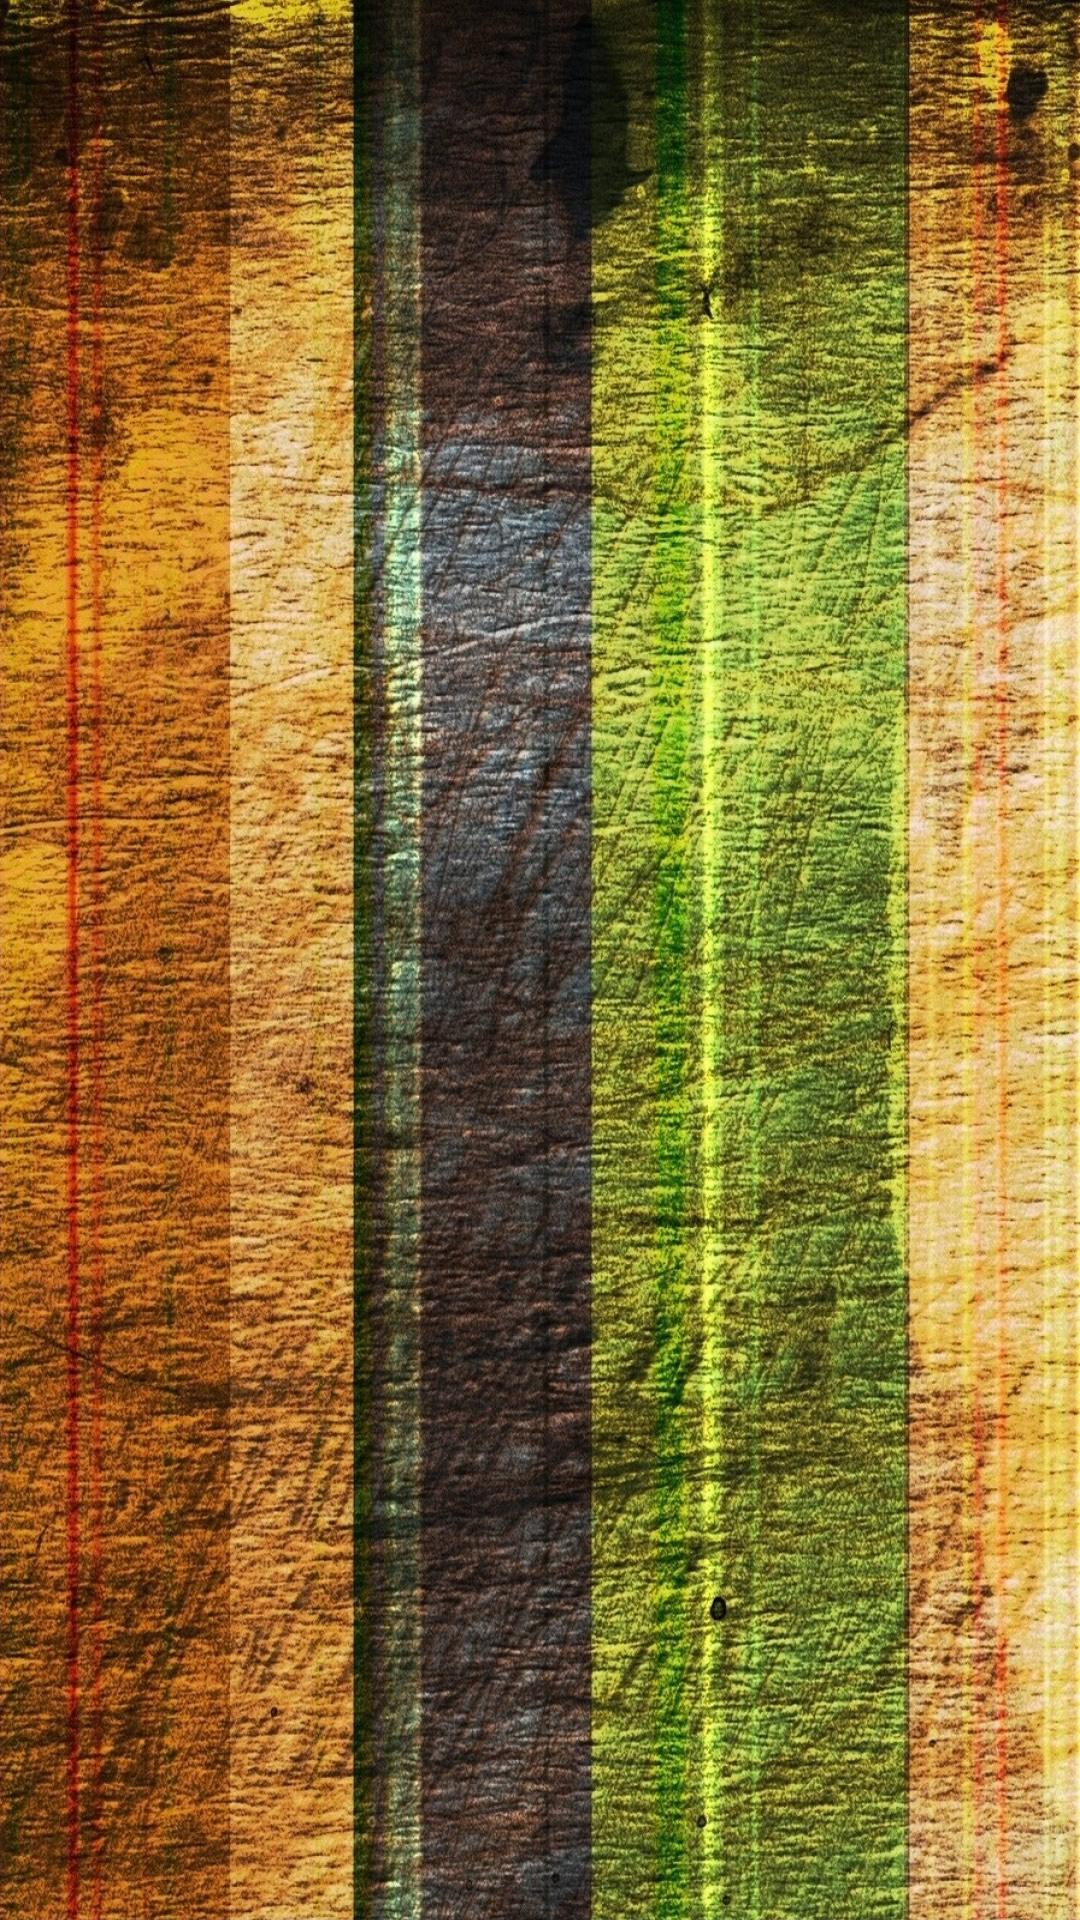 抽象的なストライプパターンのモバイル壁紙